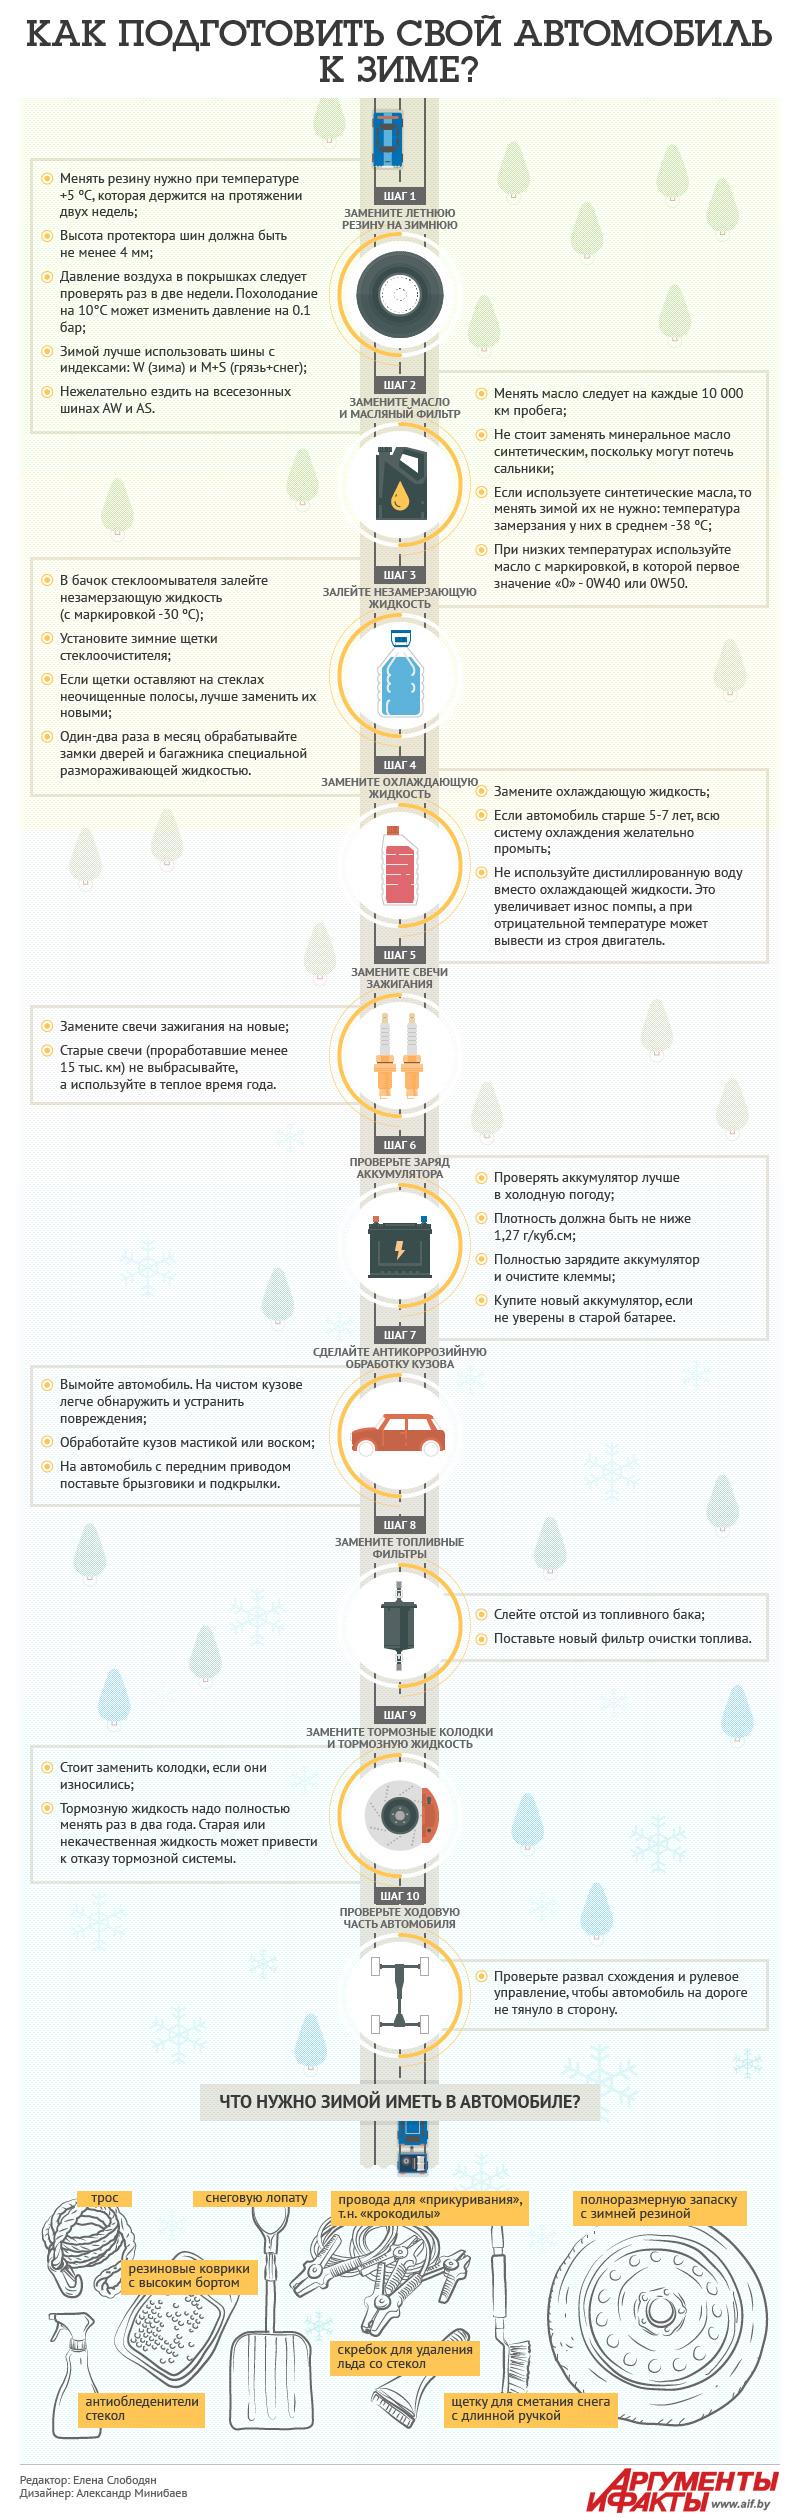 Как подготовить свой автомобиль к зиме? Инфографика